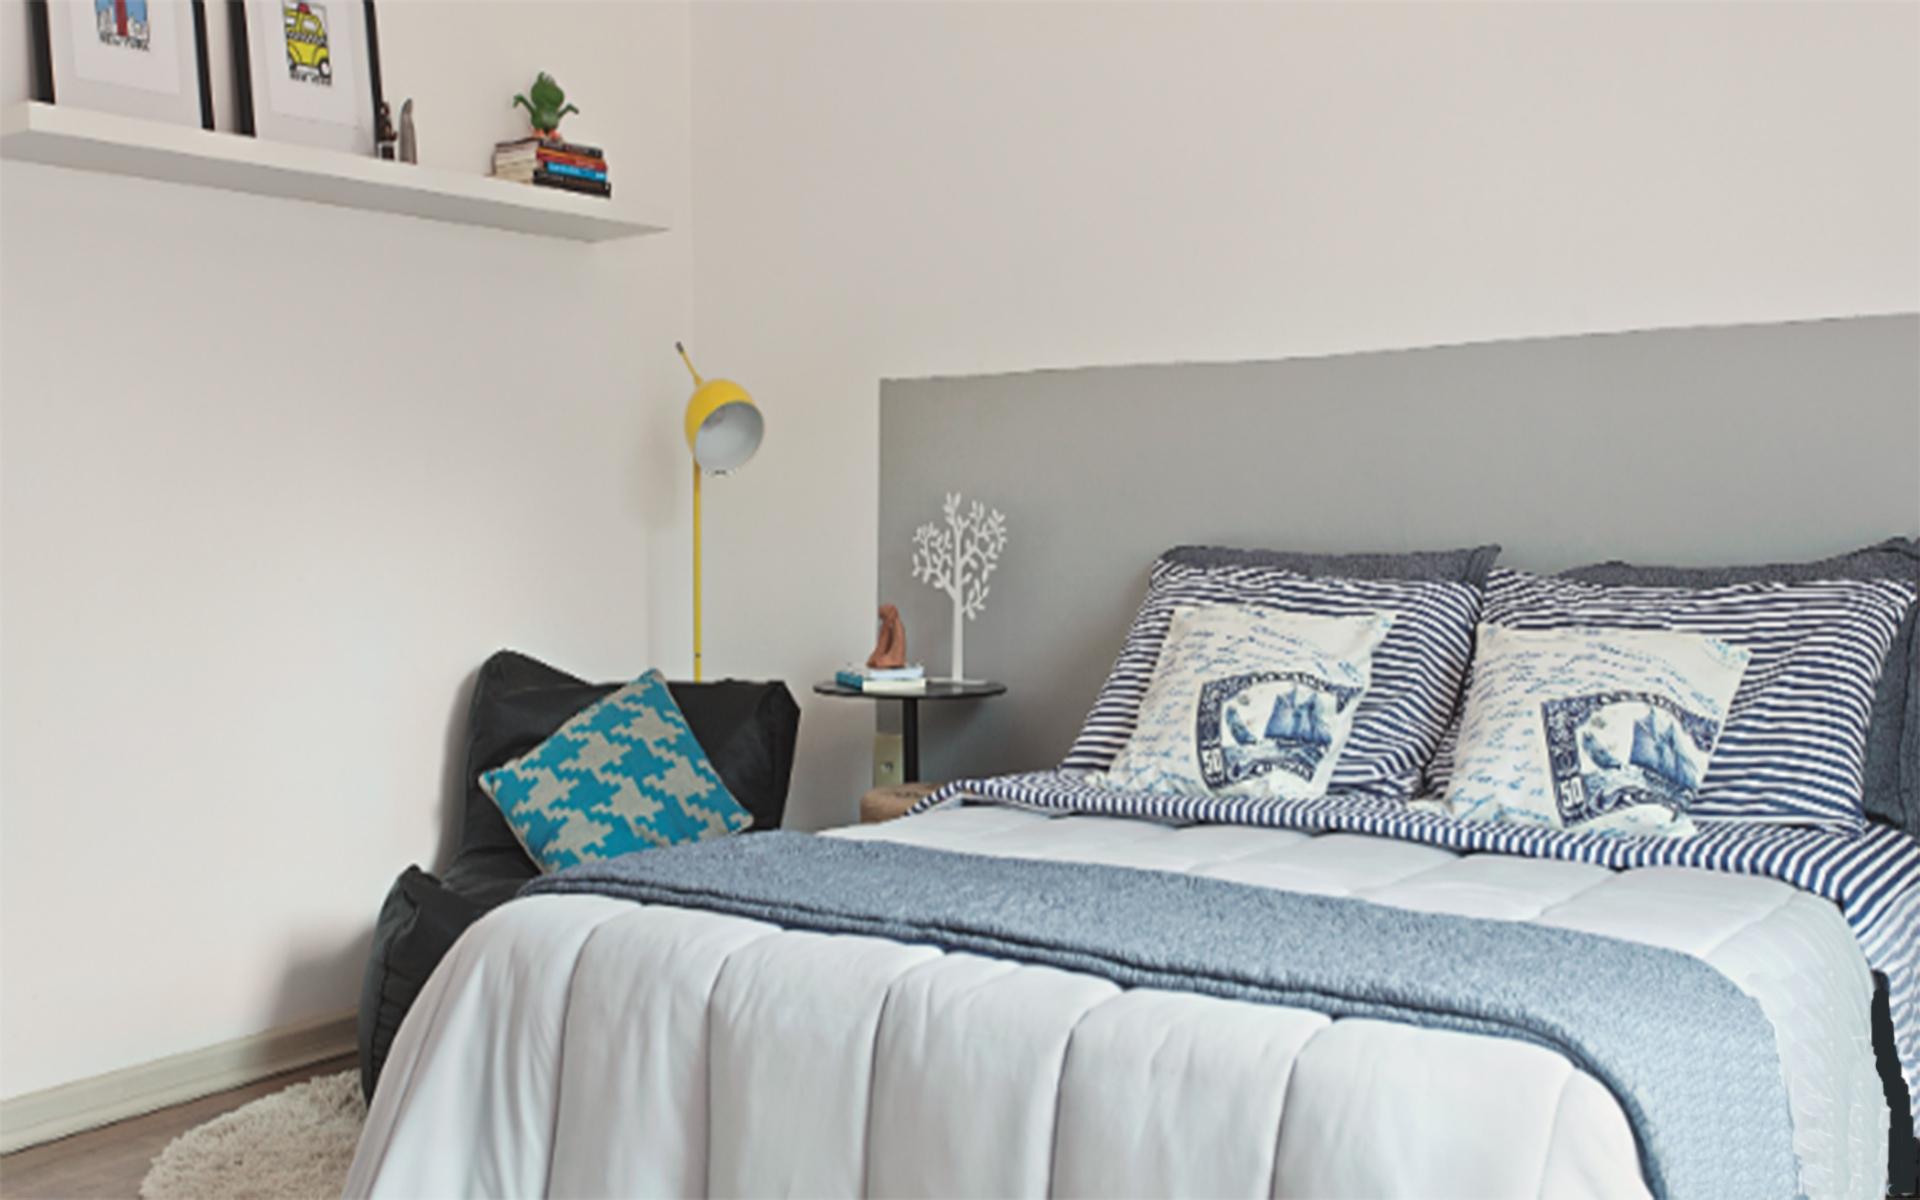 Medidas simples para organizar quarto